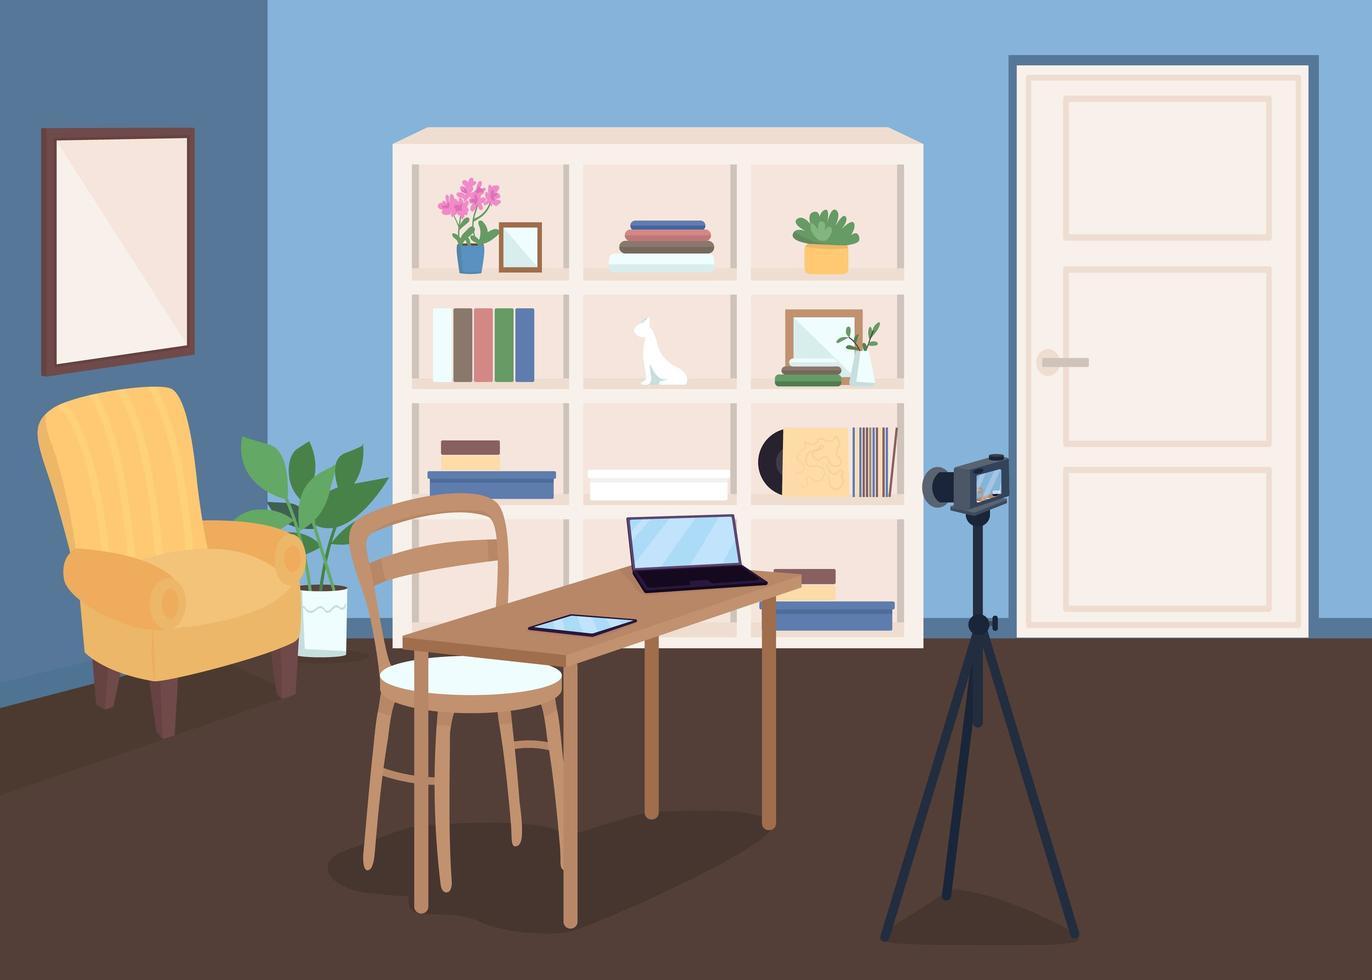 estudio para grabación de video vector